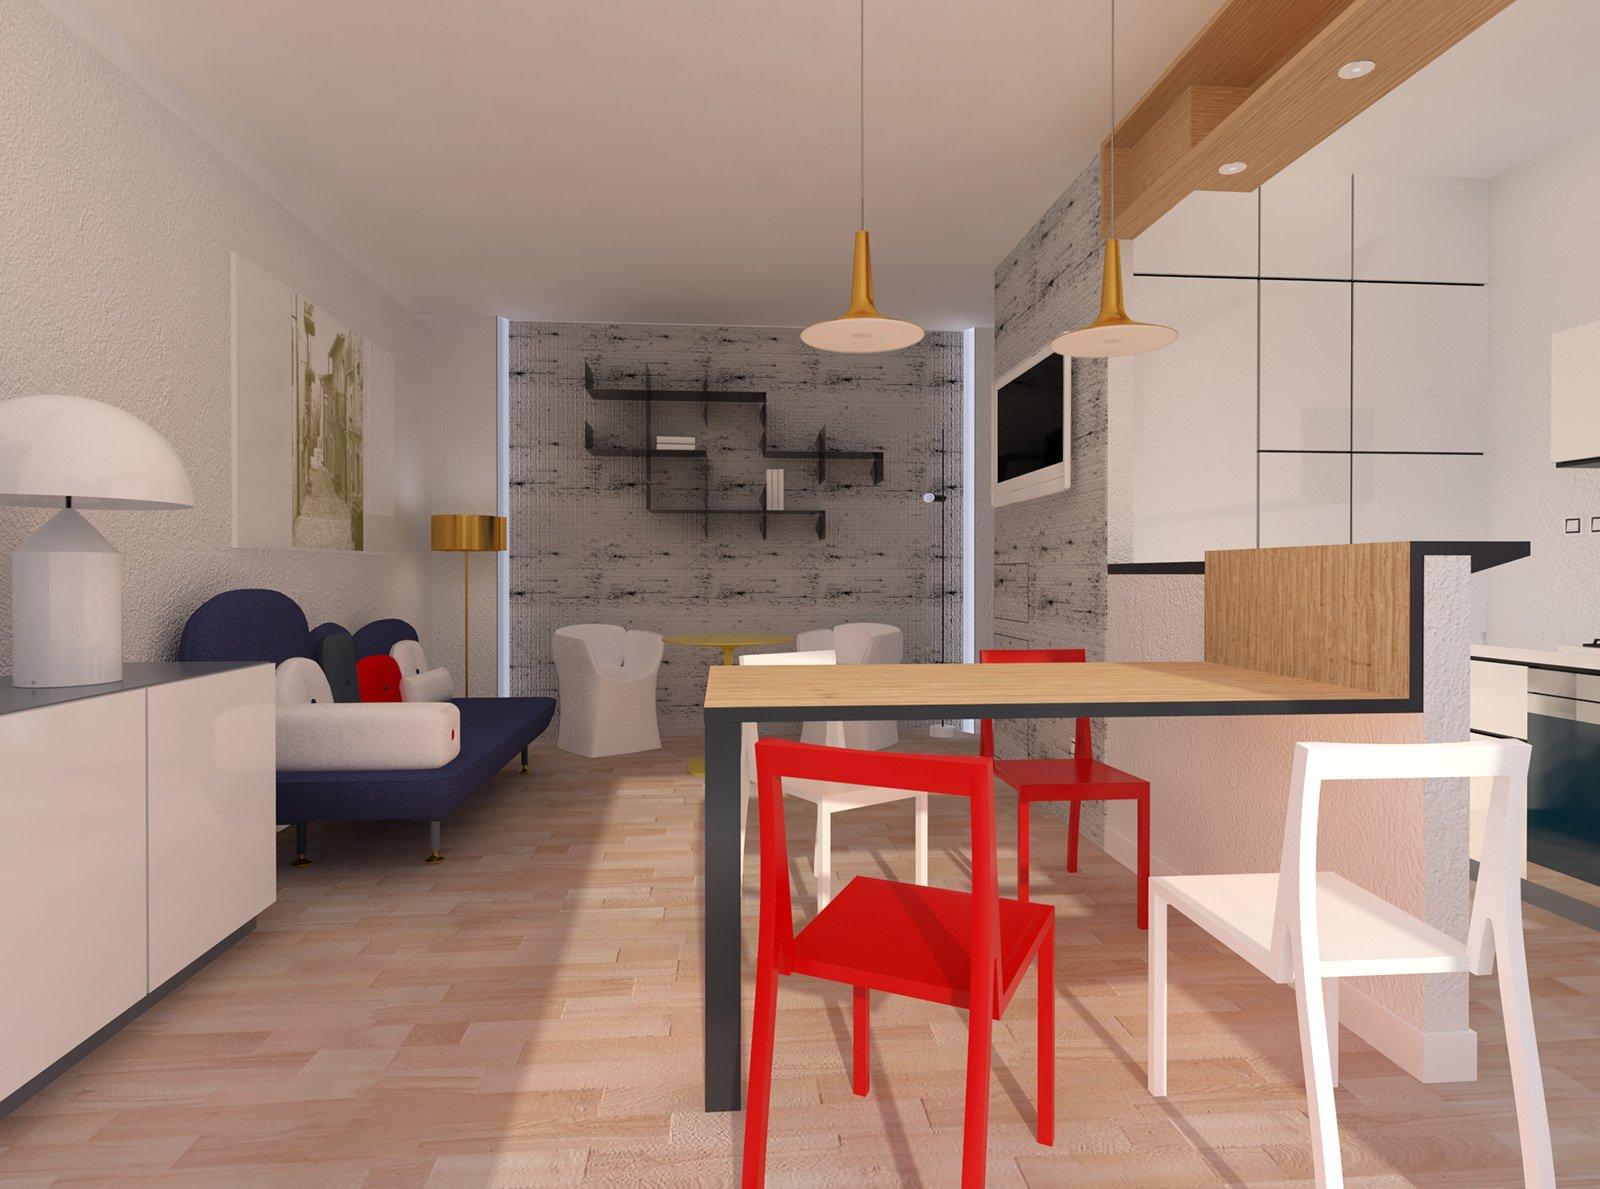 Arredare il soggiorno-zona pranzo con cucina a vista - Cose di Casa